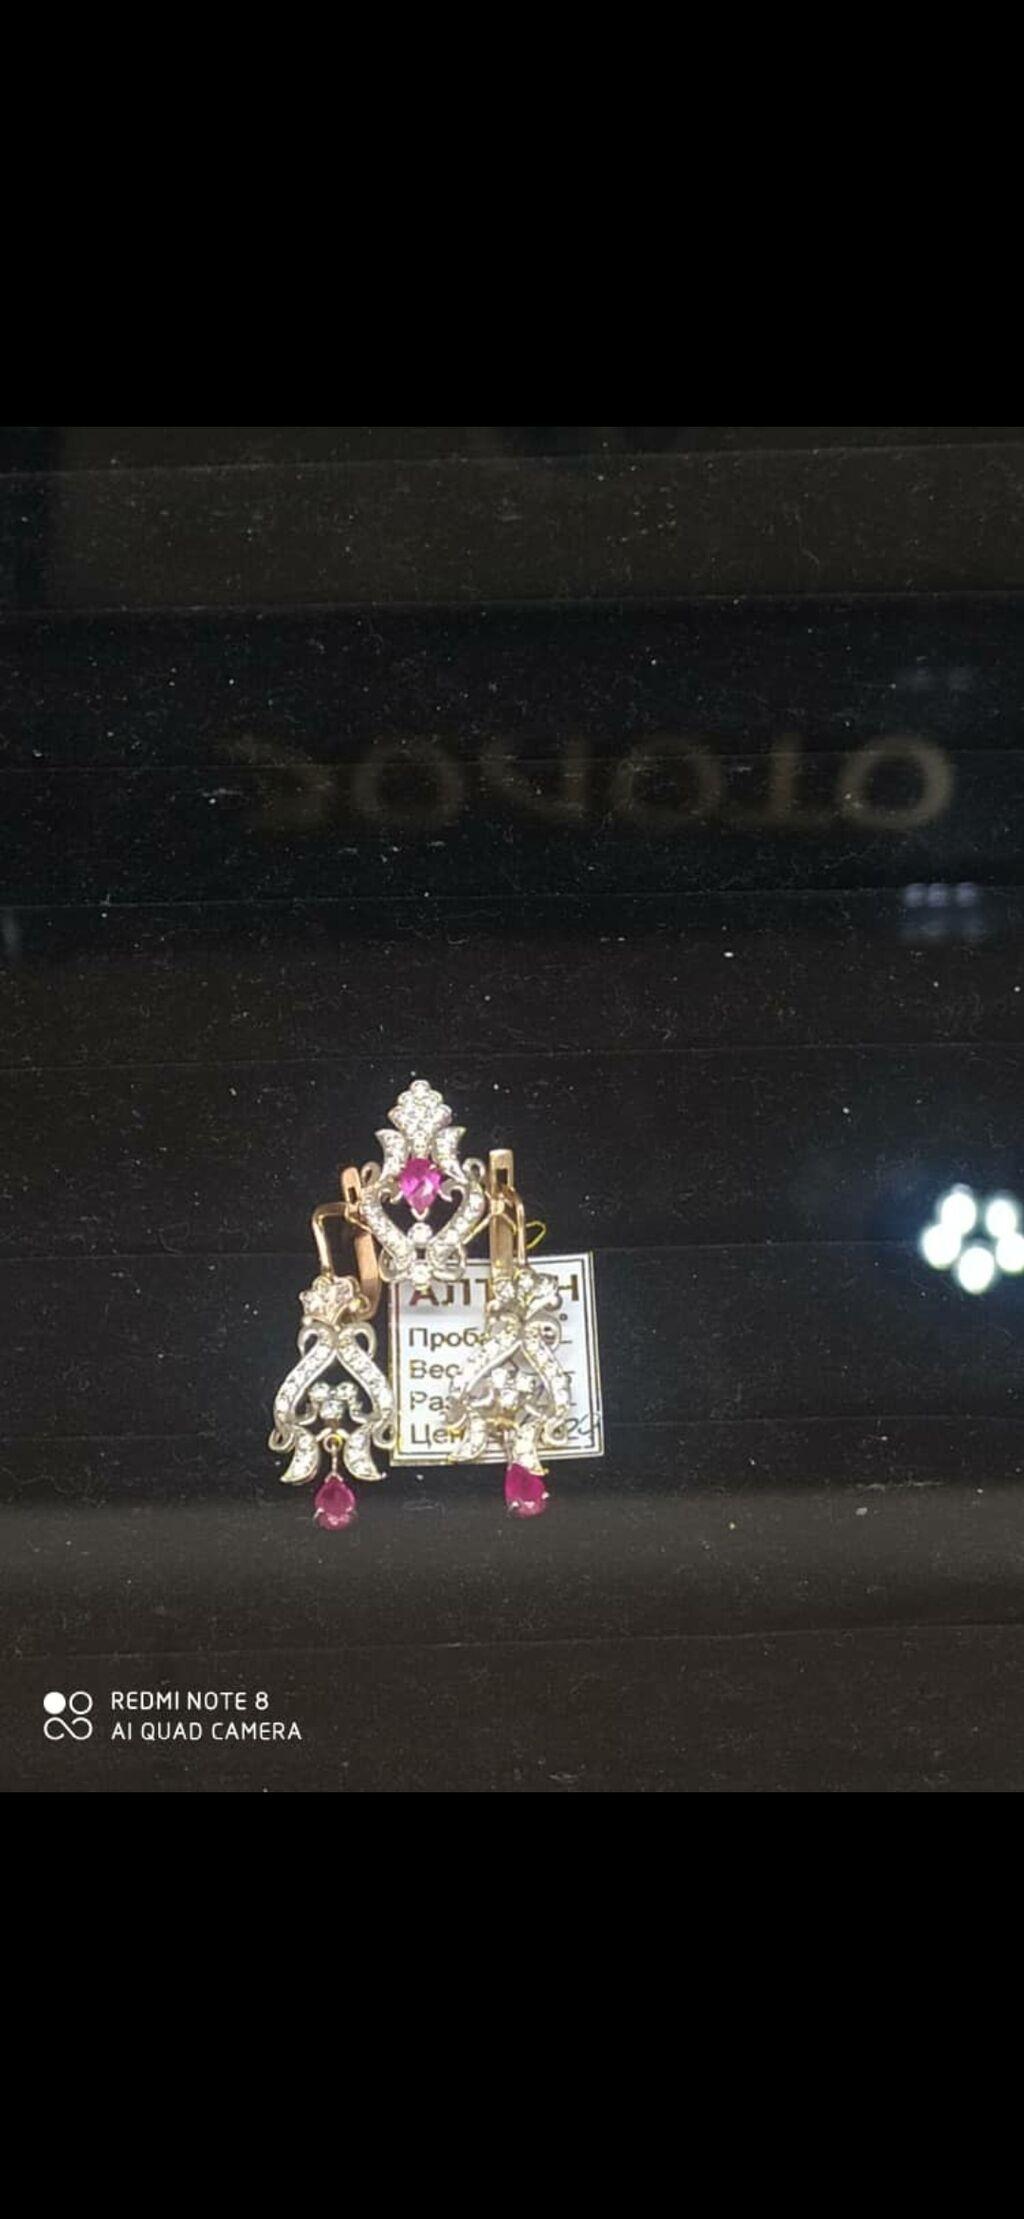 Срочно продам комплект Российское золото 585°. Цена 28000 сом: Срочно продам комплект Российское золото 585°. Цена 28000 сом